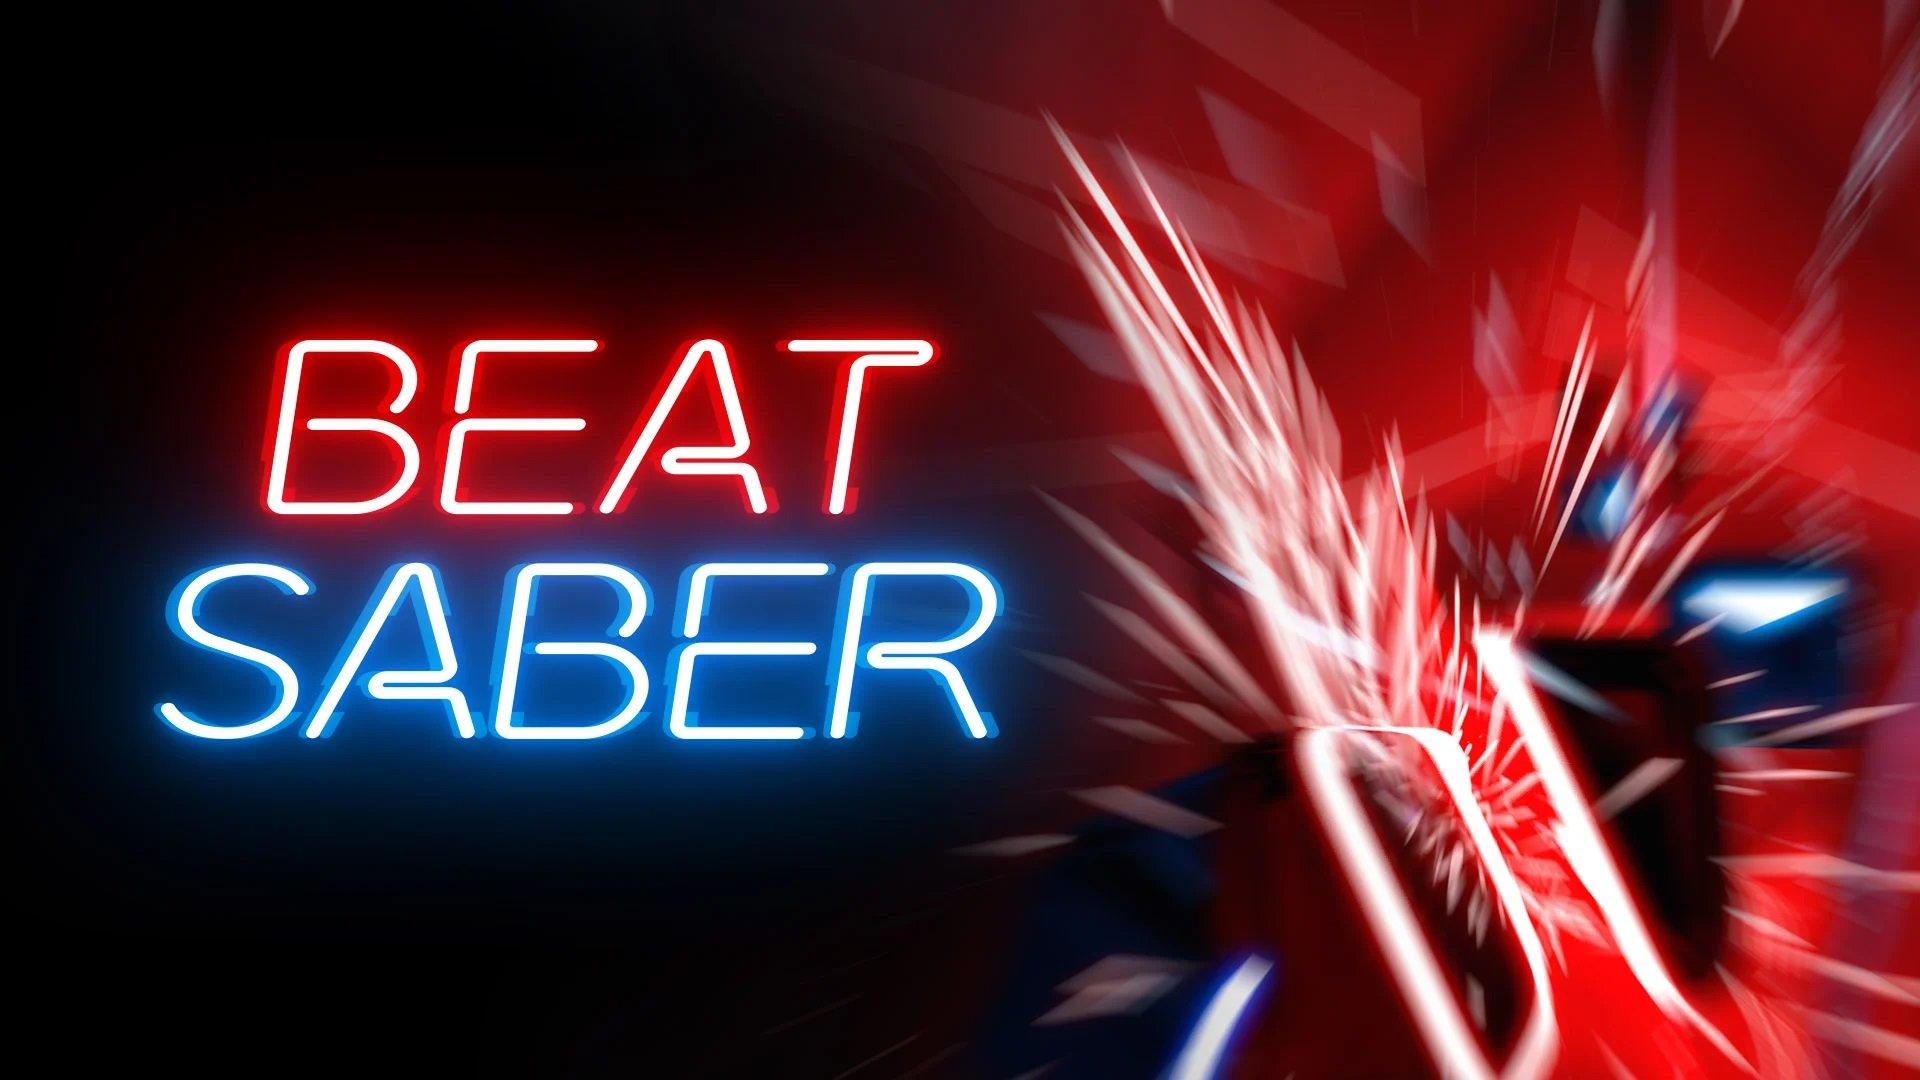 Làm sao để chơi Beat Saber?